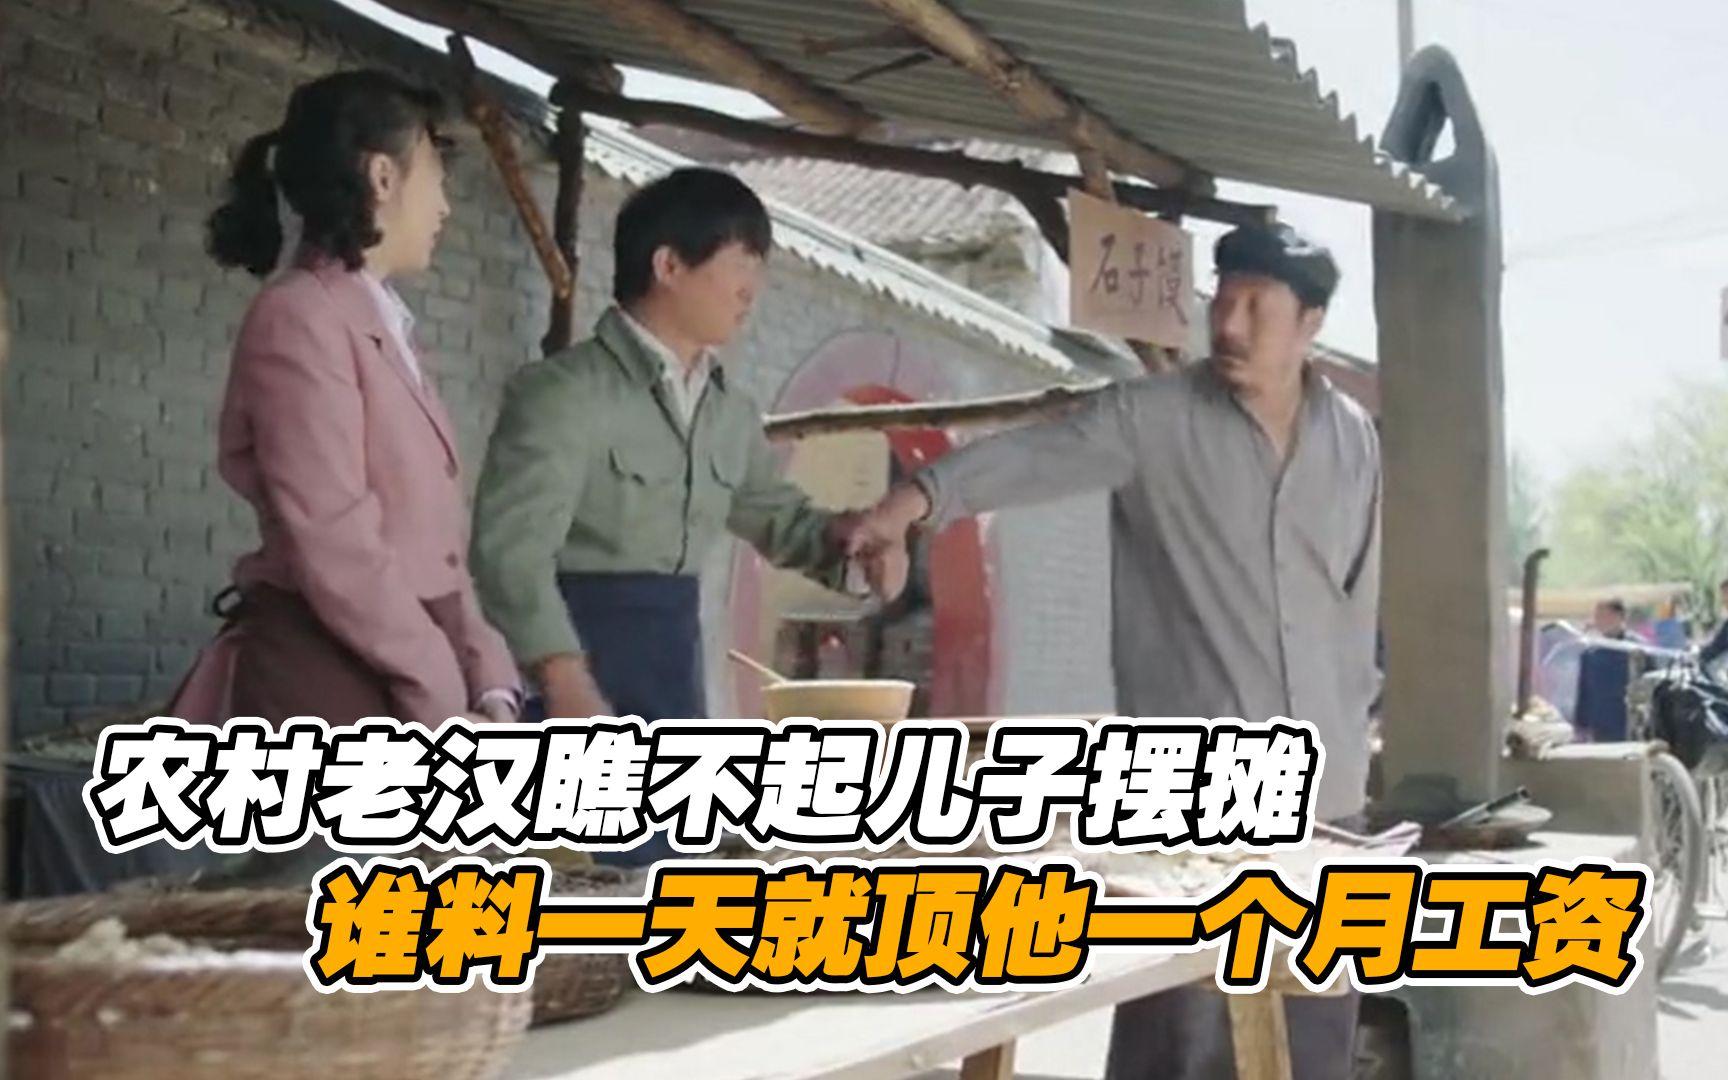 影视:农村老汉瞧不起儿子,谁料一天就顶他一个月,全村羡慕不已